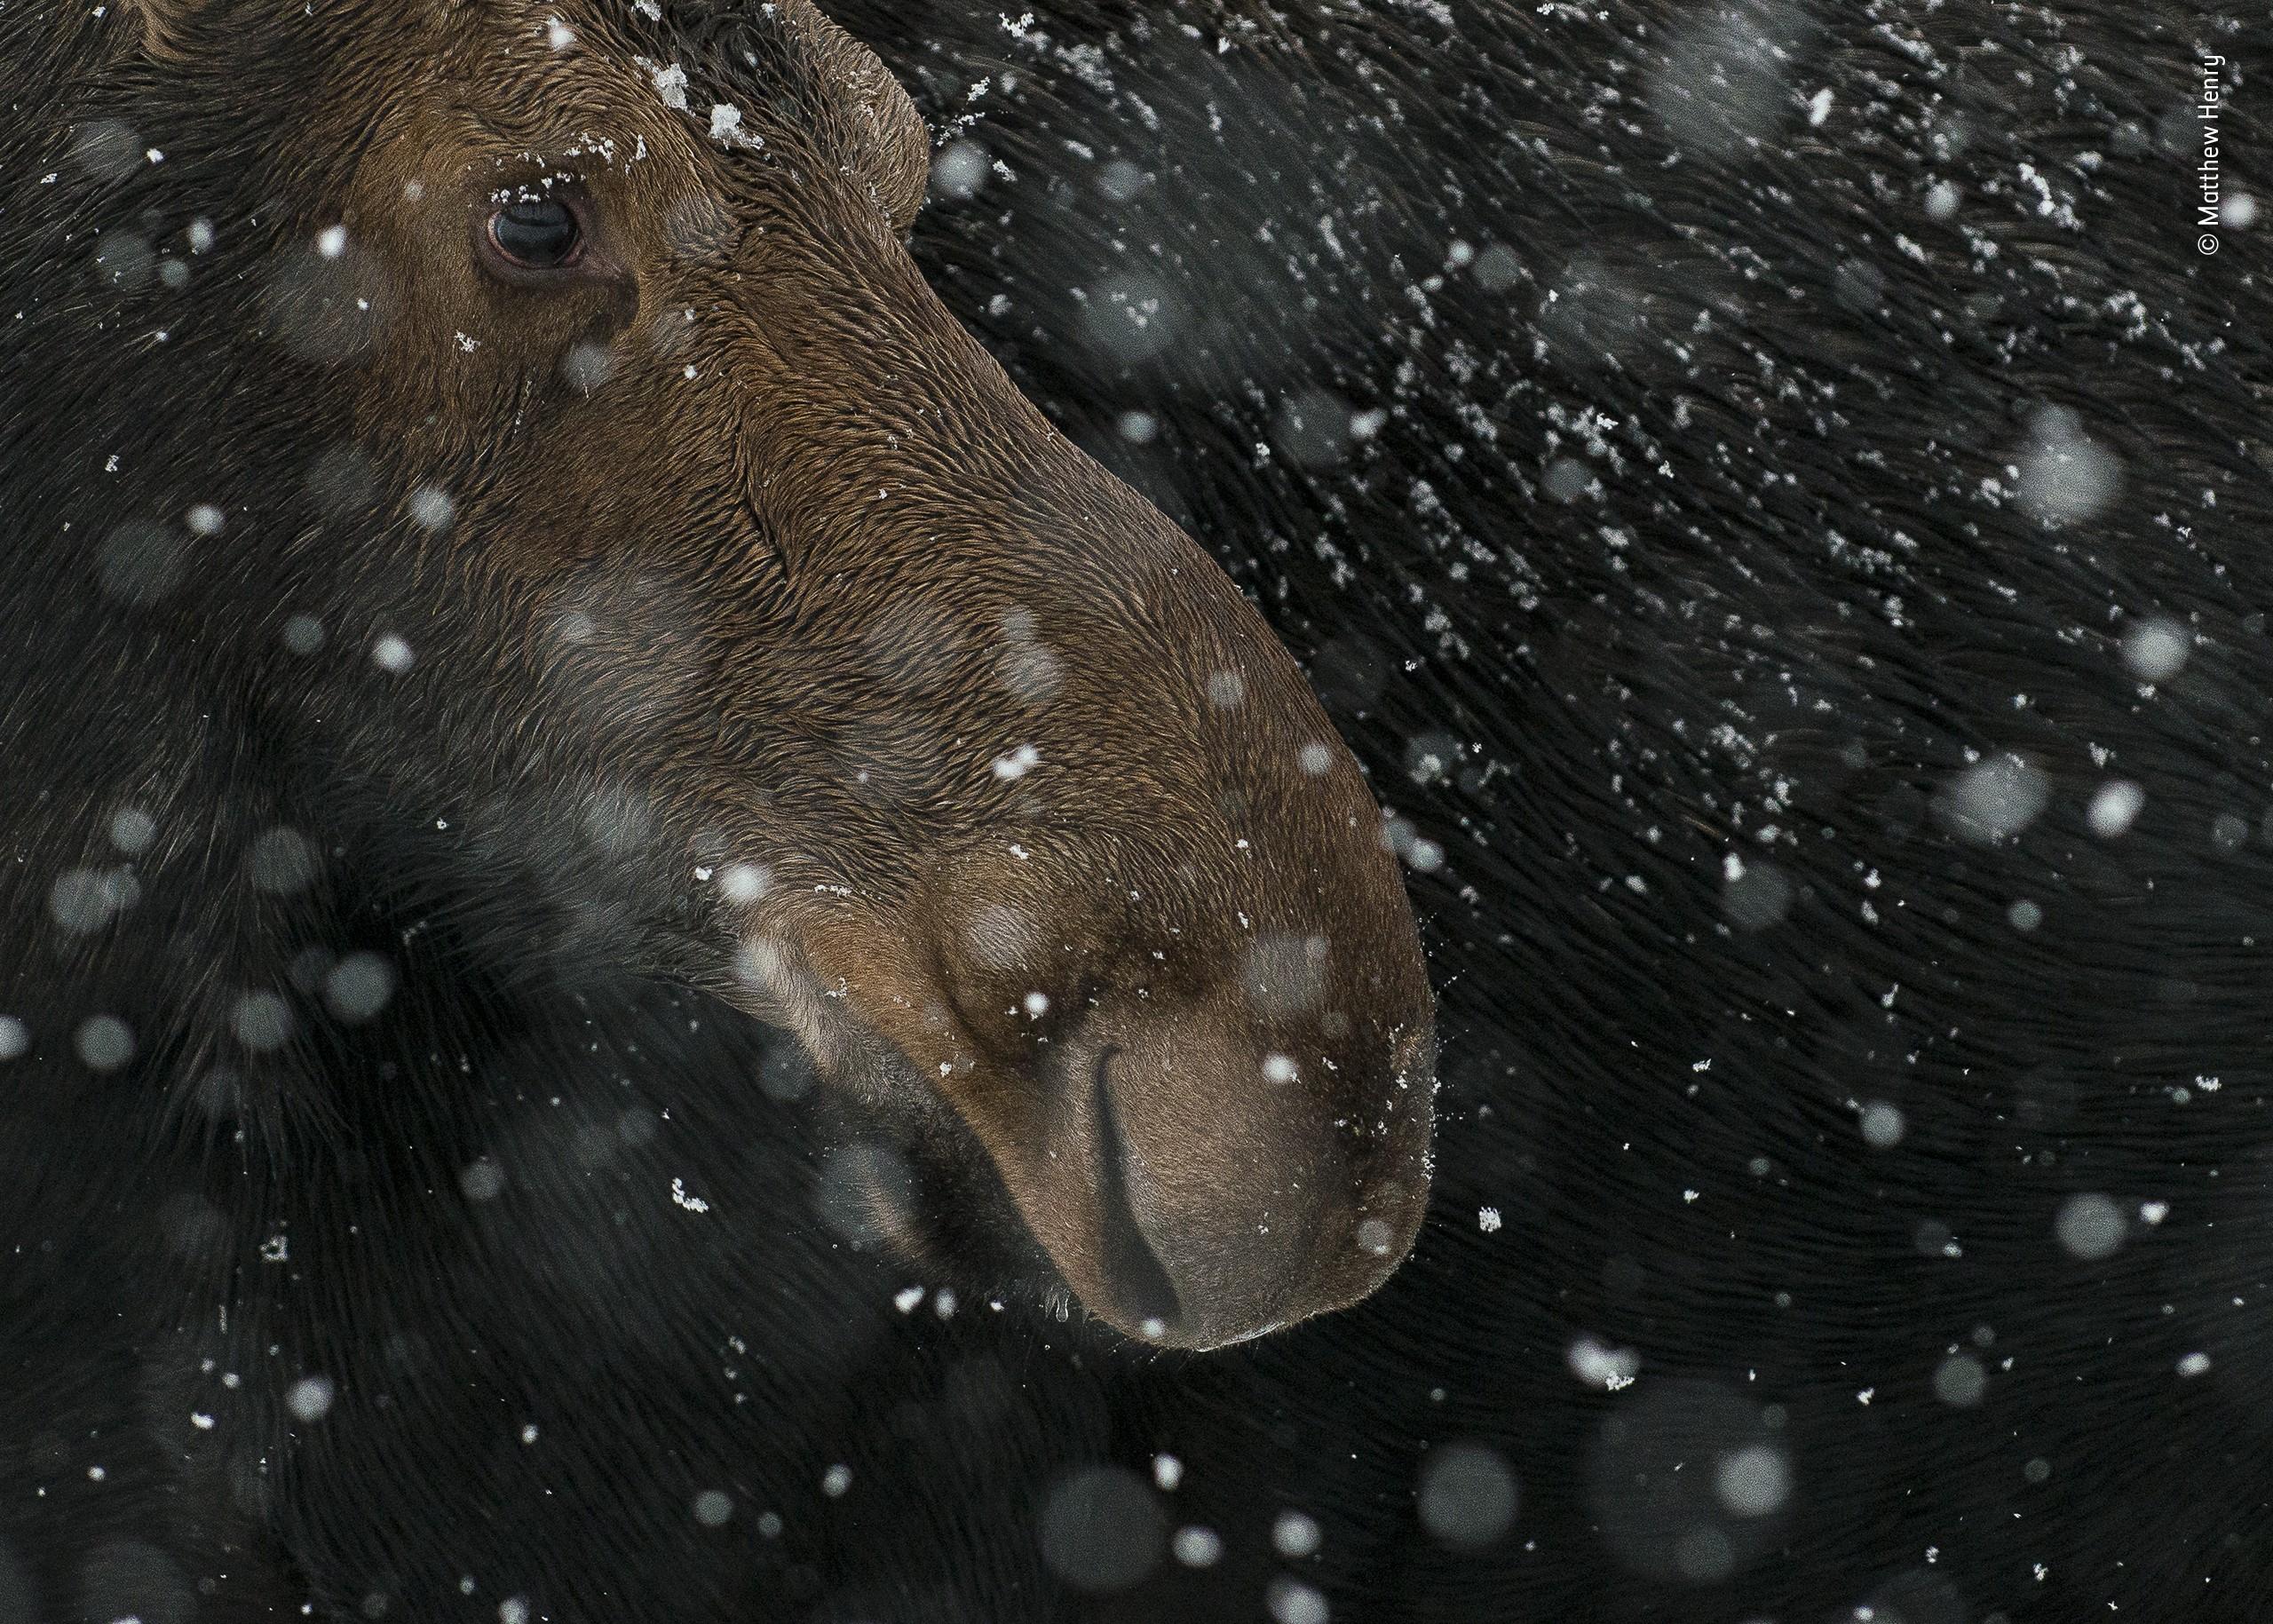 Категория молодые фотографы 15-17 лет, 2020. «Снежный лось». Автор Мэтью Генри